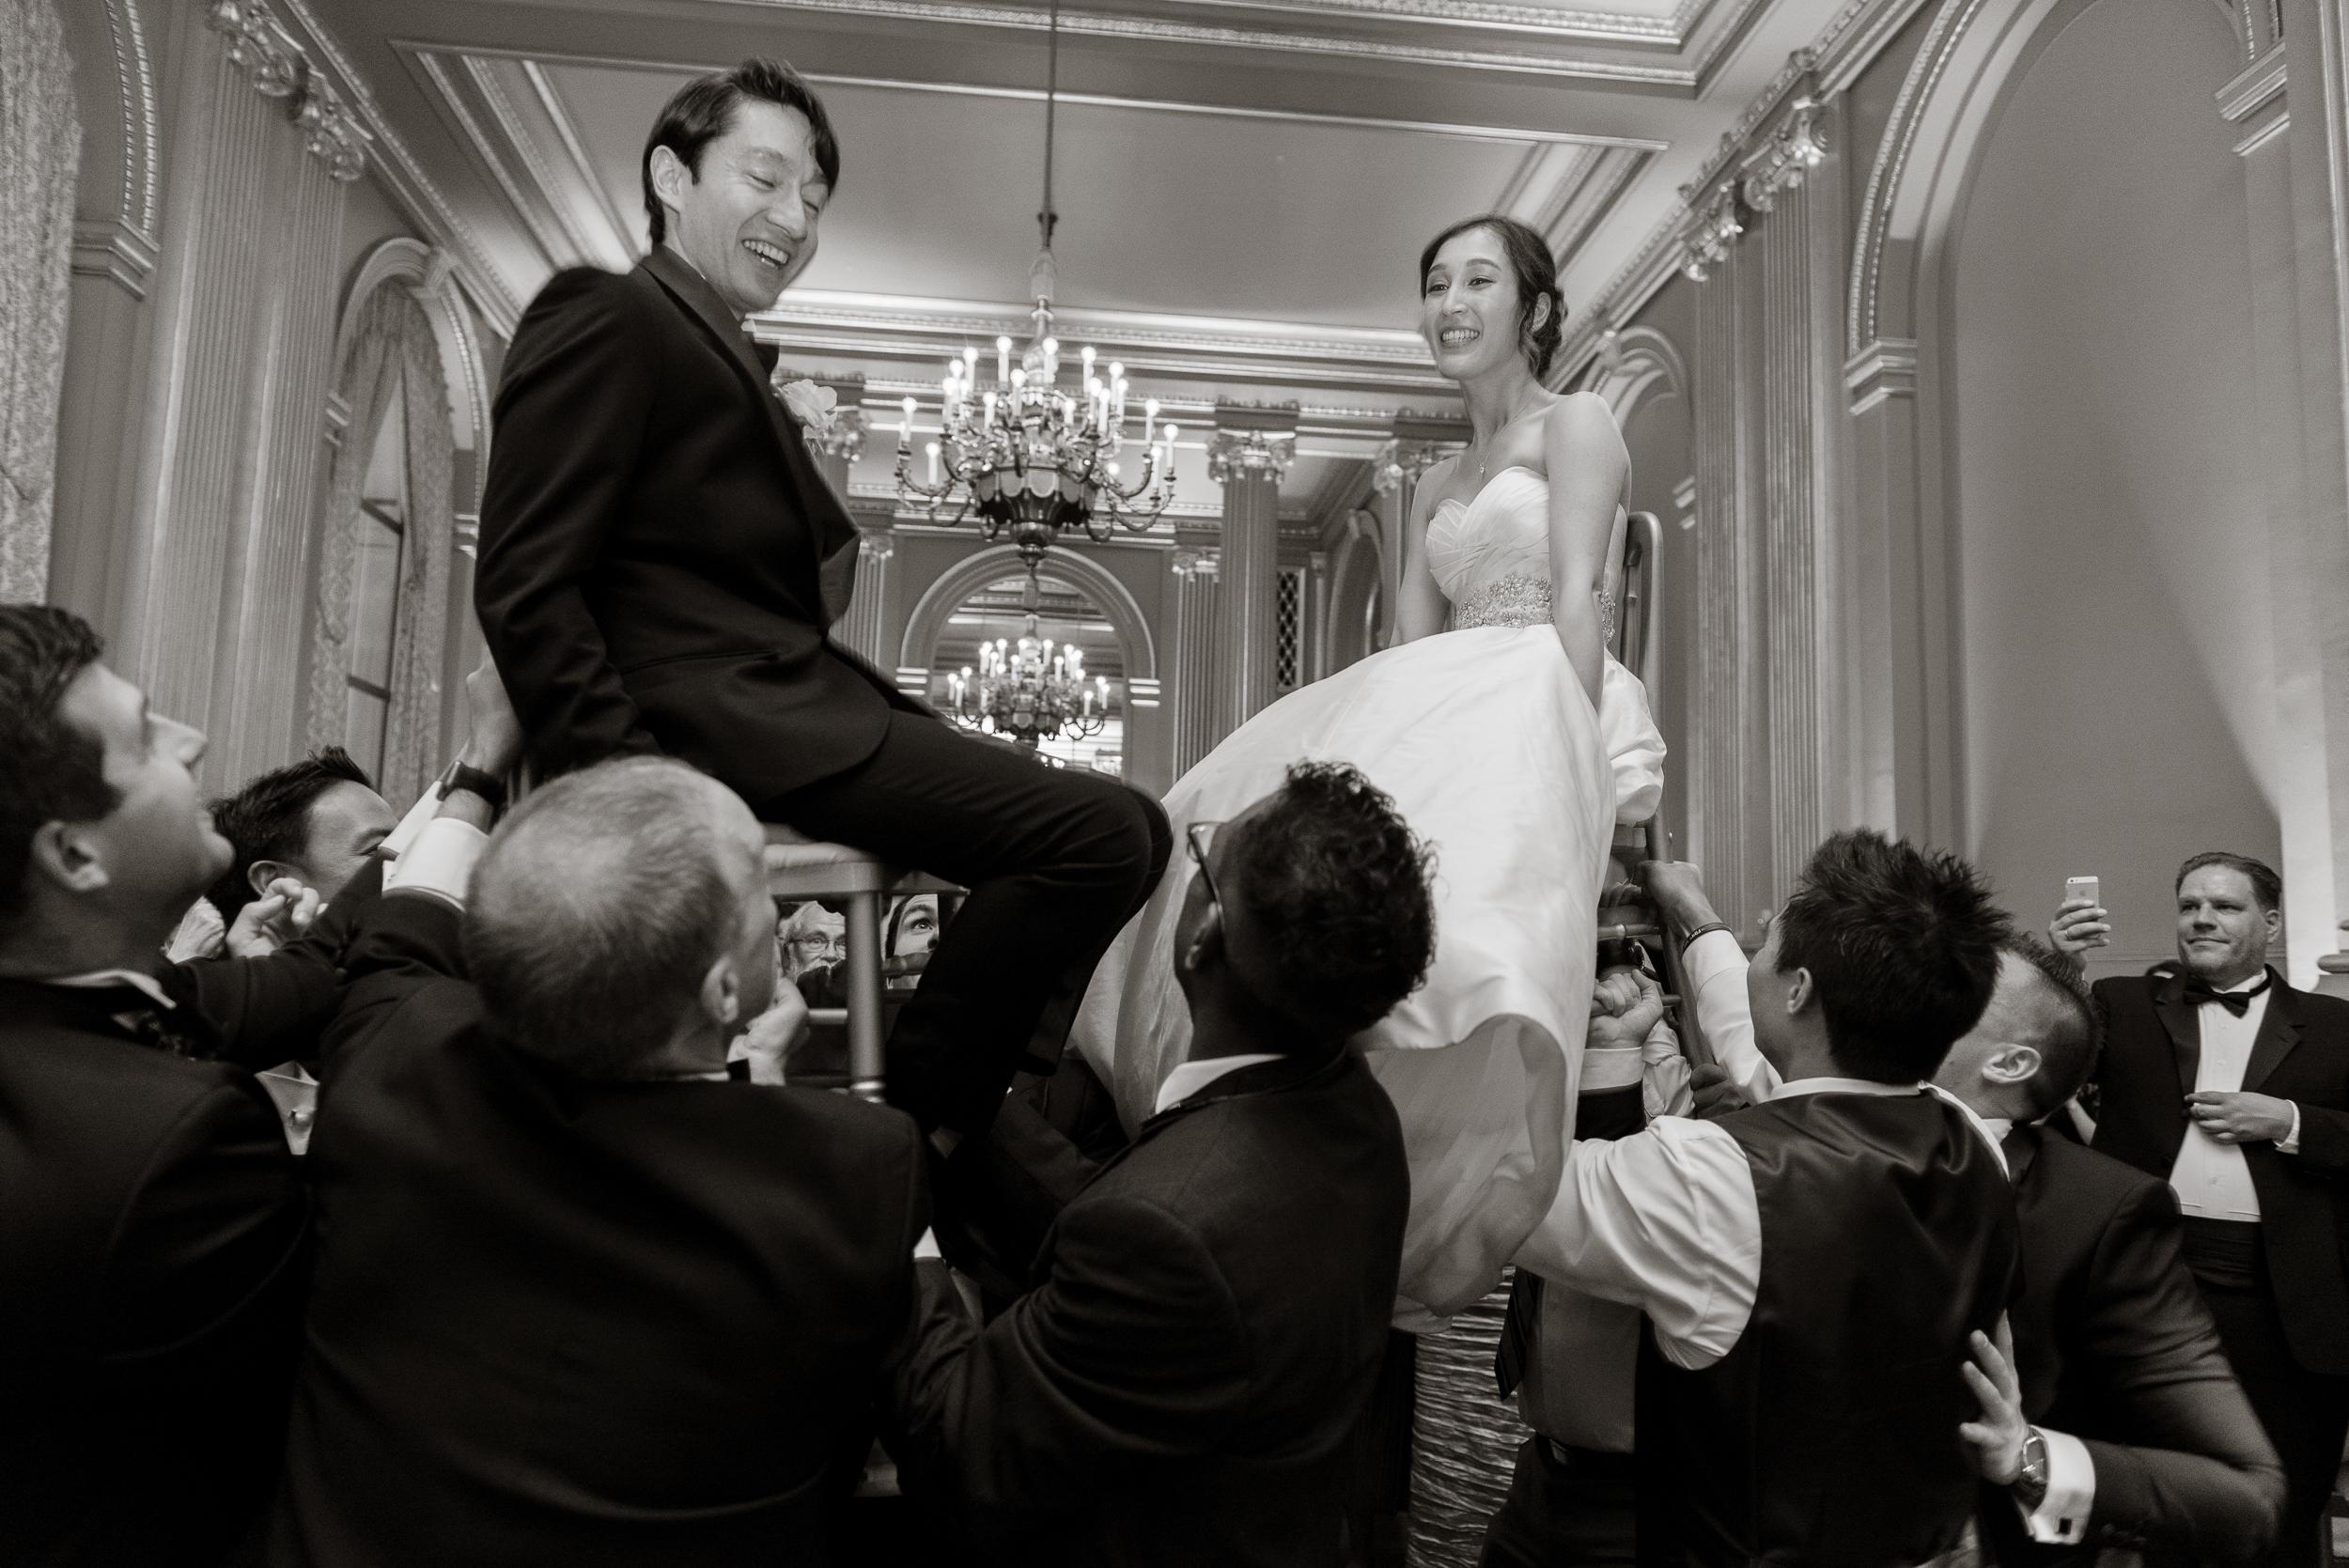 64san-francisco-green-room-wedding-photographer-vivianchen.jpg